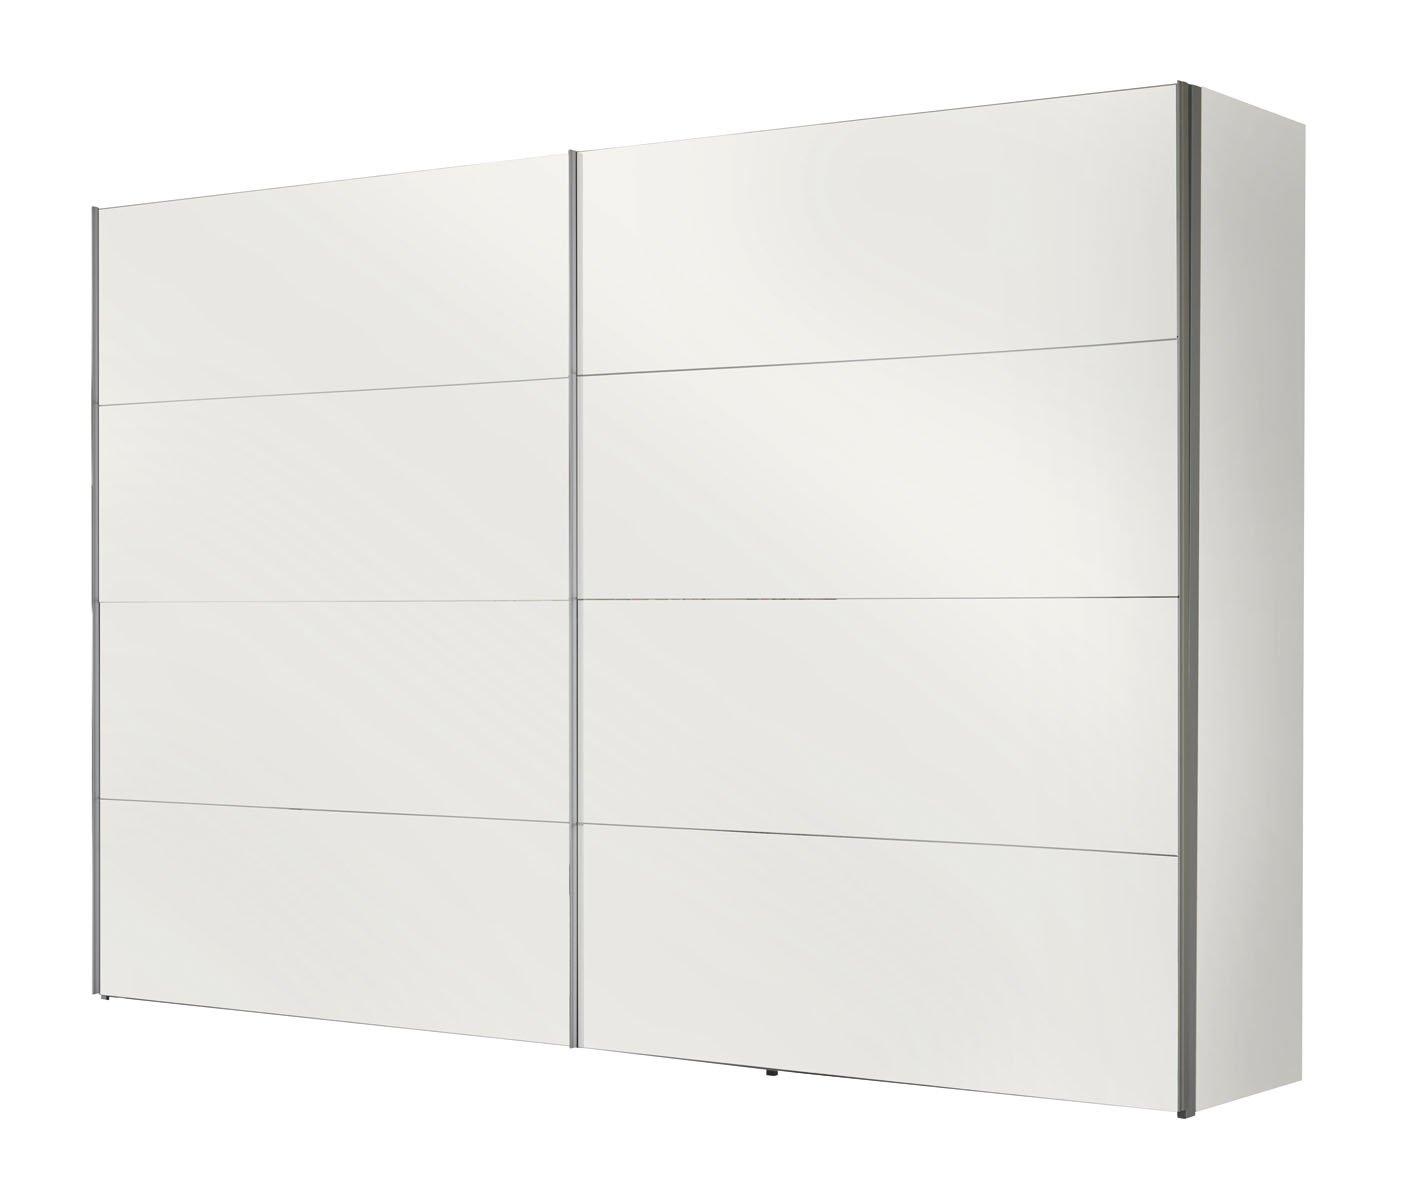 Solutions 49540070 Schwebetürenschrank 300 x 216 x 68 cm / polarweiß  Kundenbewertung: